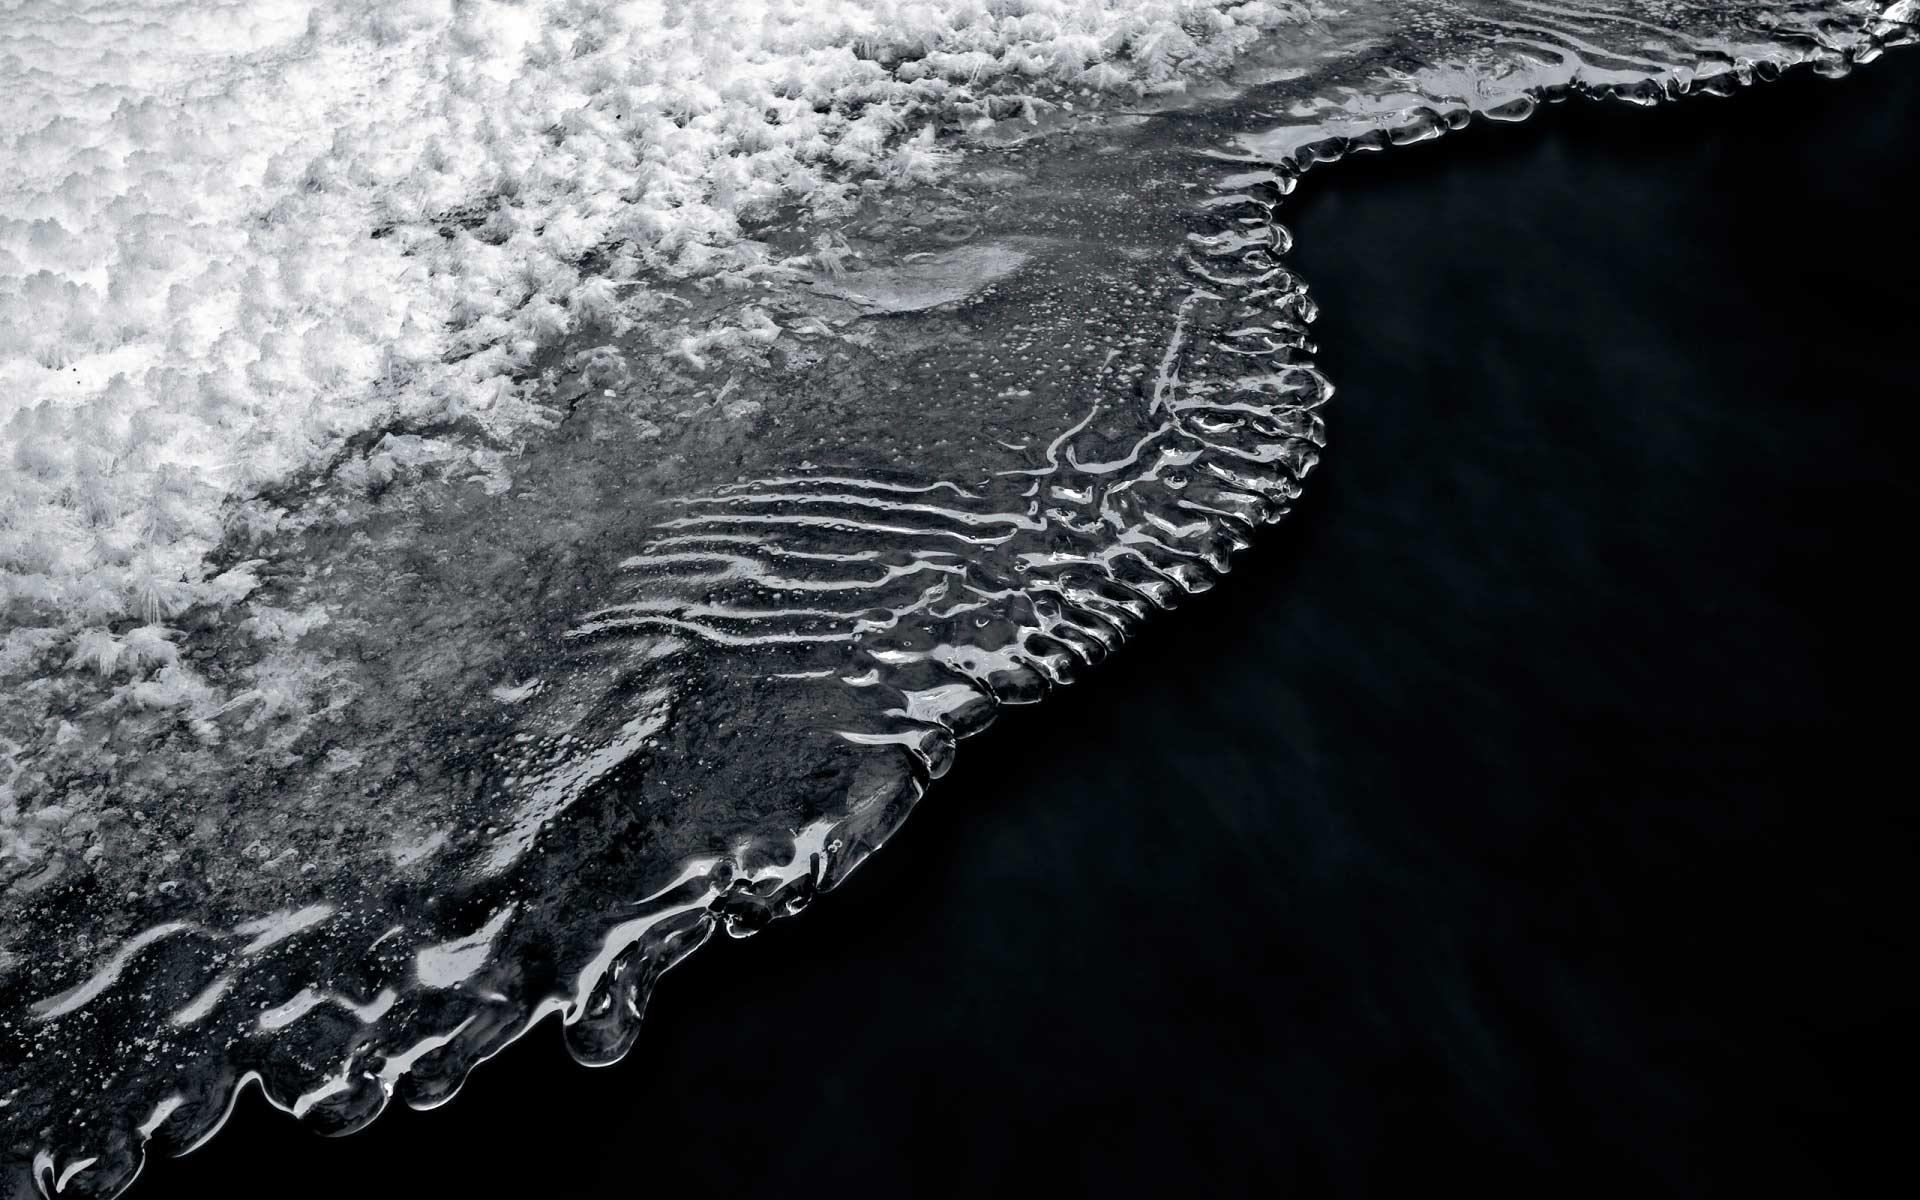 Стихия Вода. Стихийная магия. Обряды и ритуалы. Путь Ведьмы Воды. 187975101